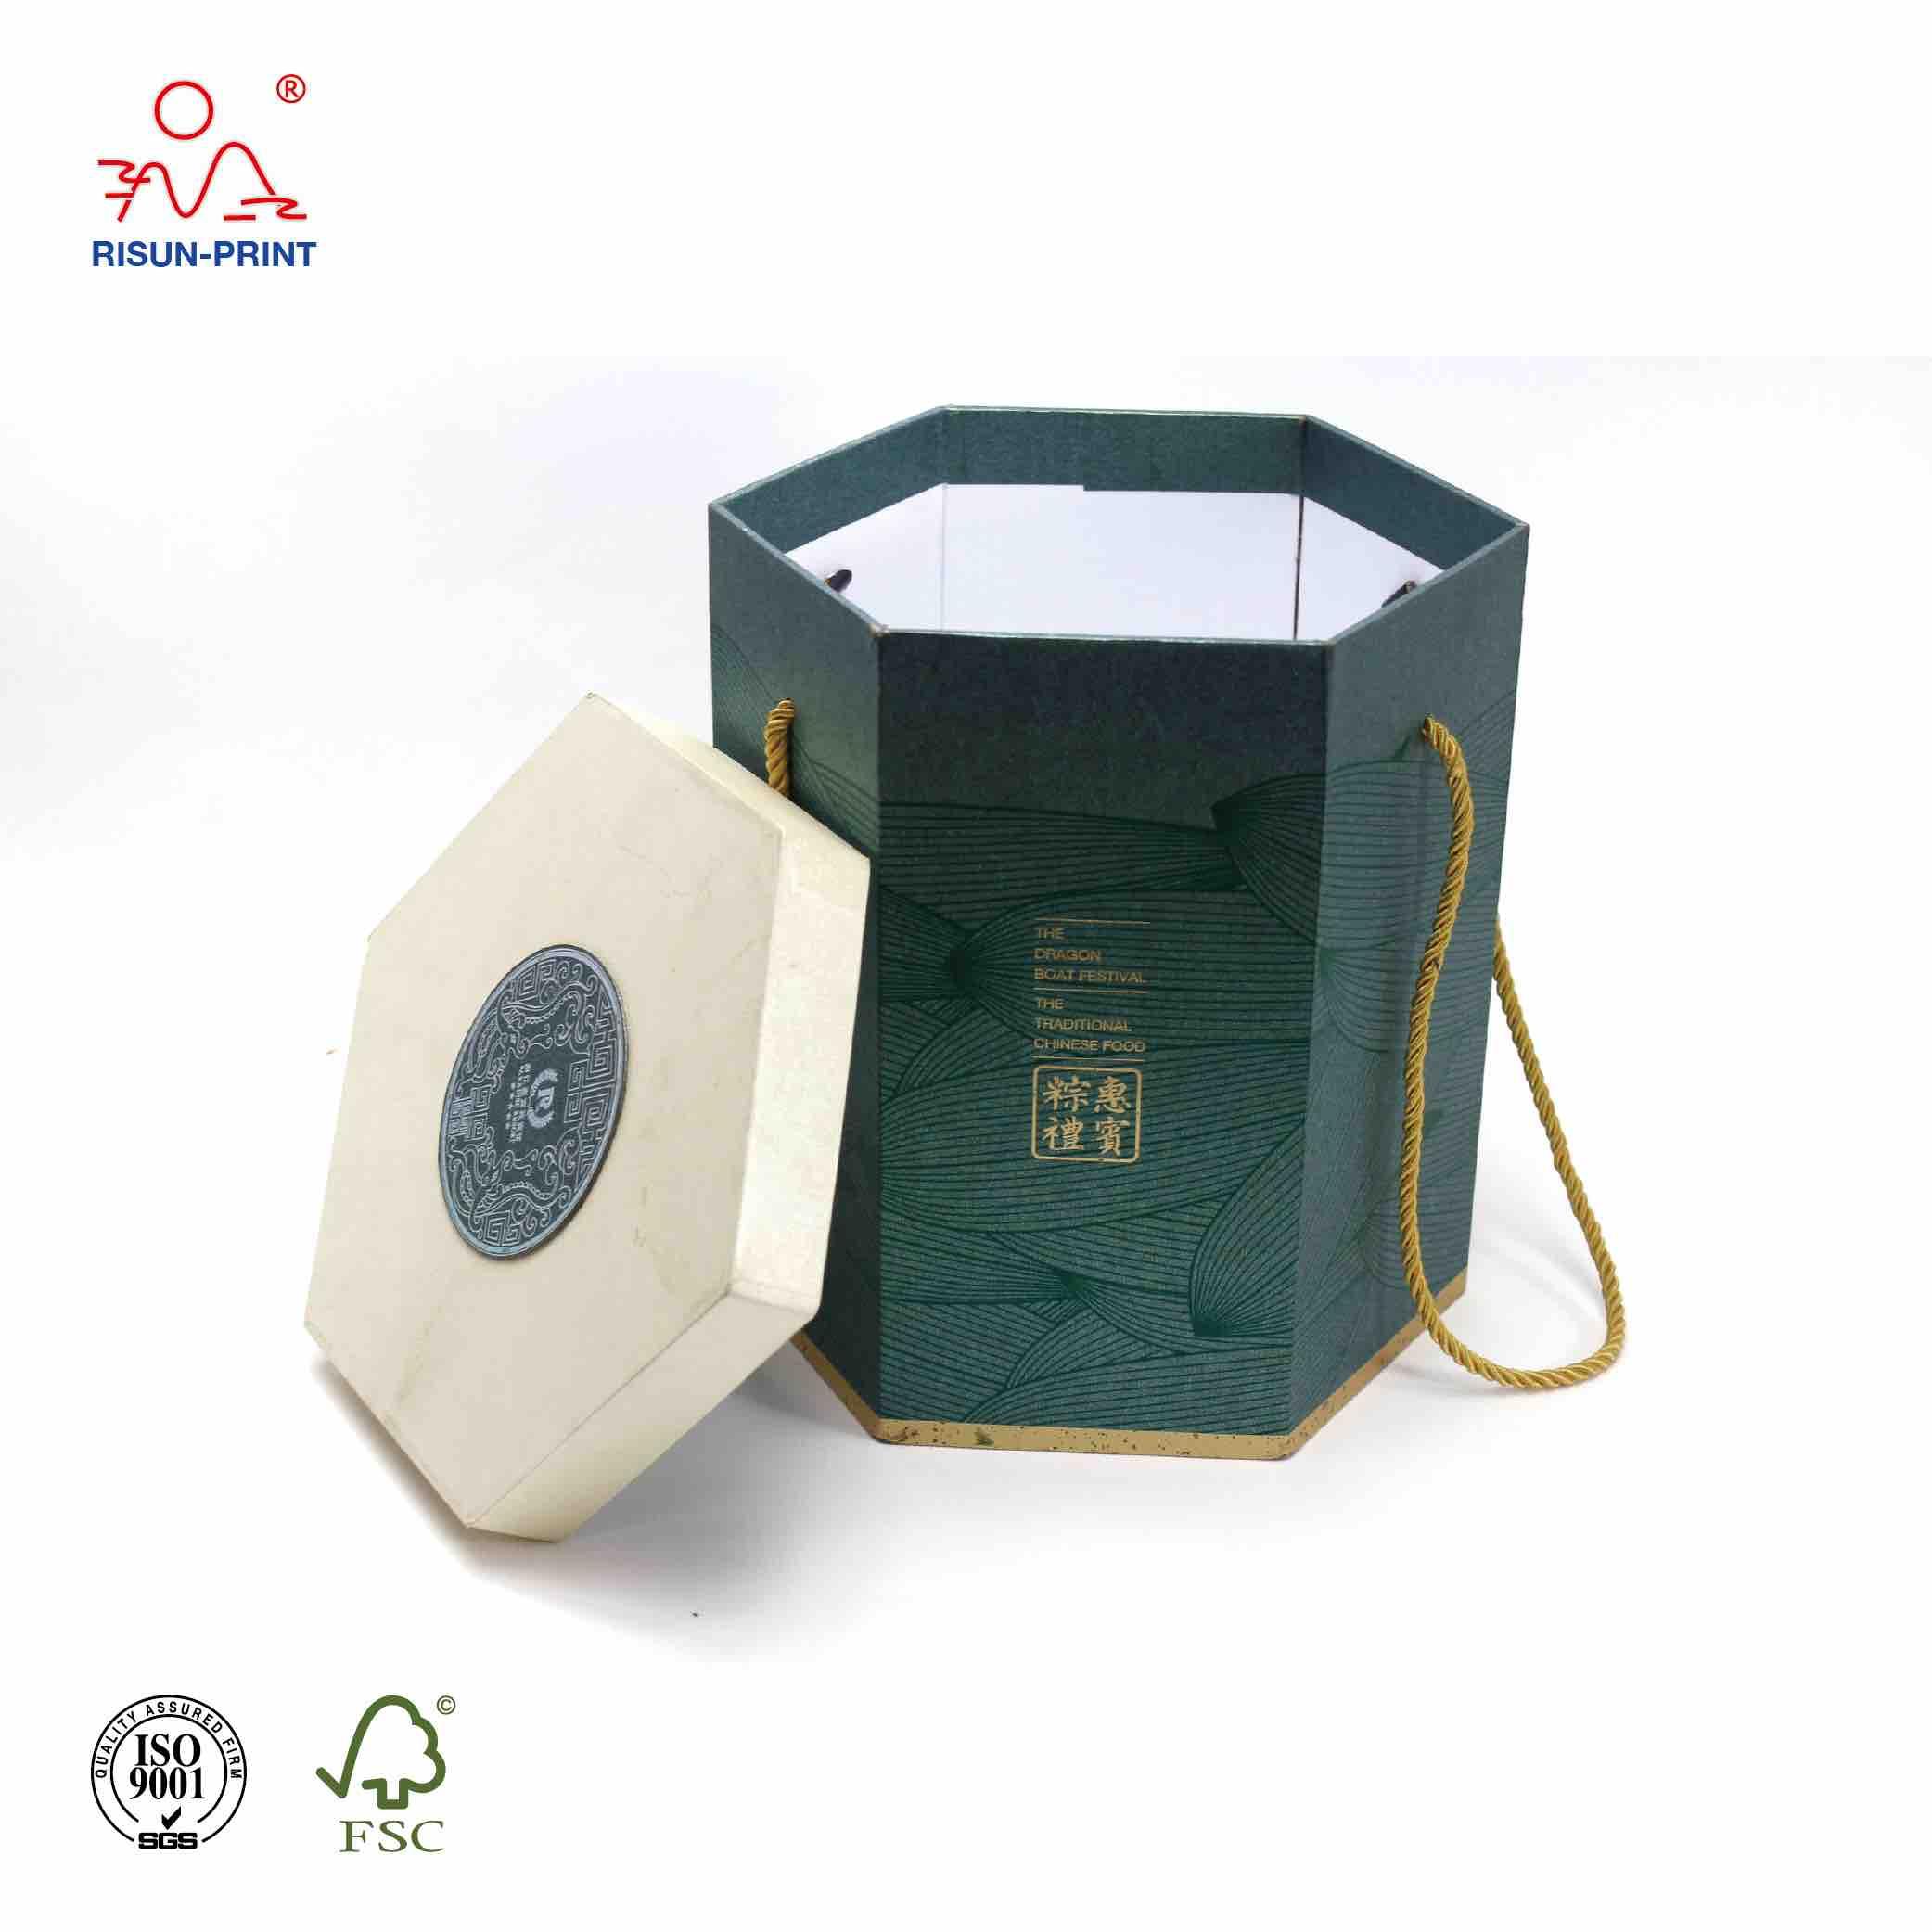 高档包装盒定制厂家如何选择正确的包装工厂-济南尚邦佳品包装制品有限公司